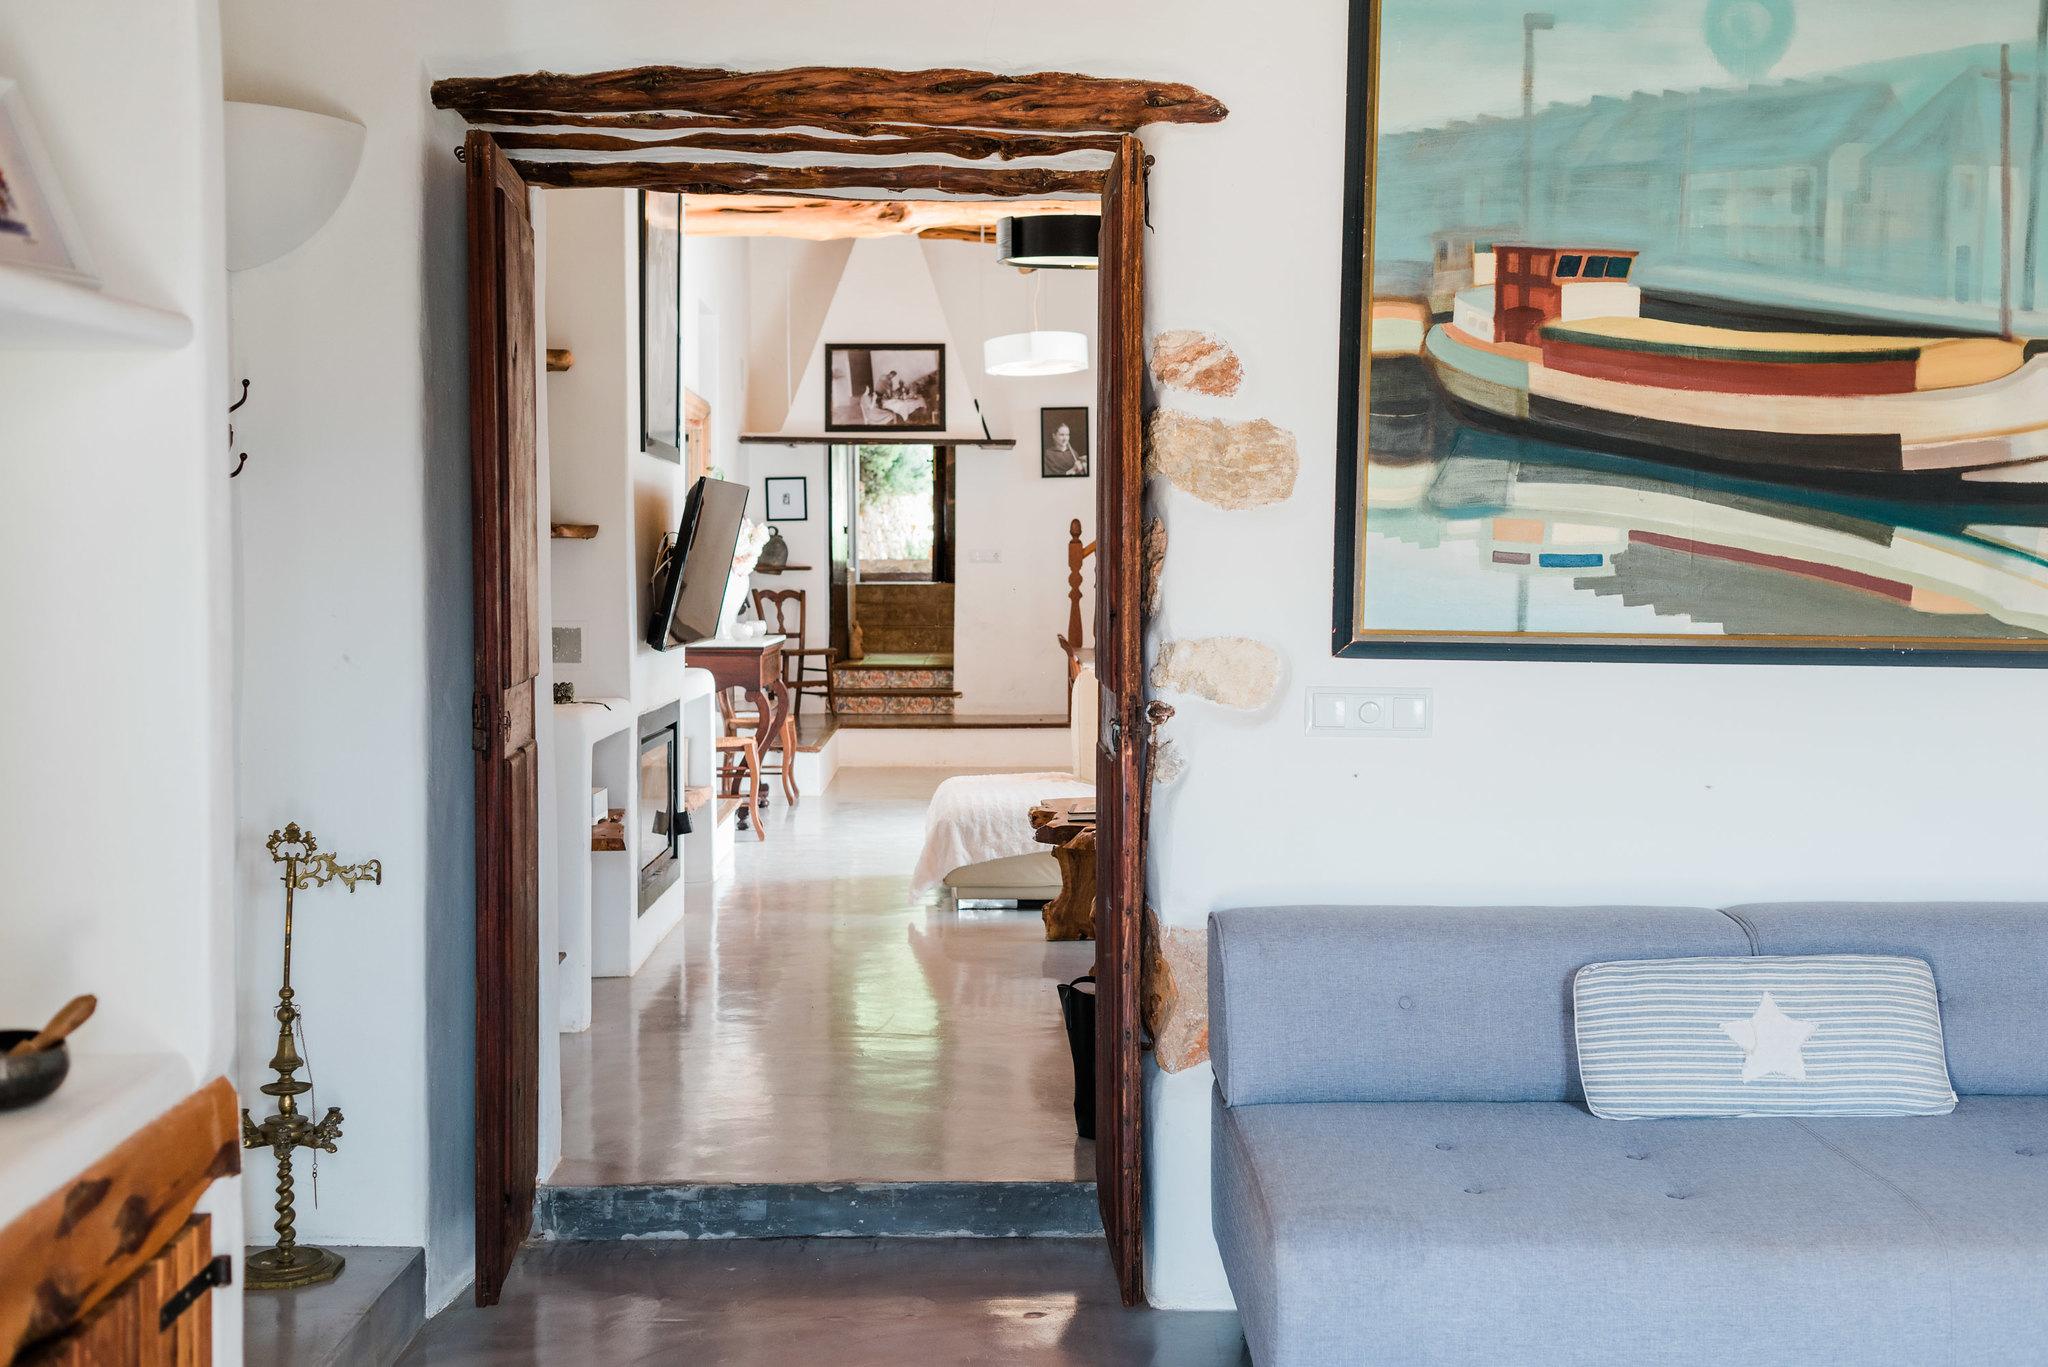 https://www.white-ibiza.com/wp-content/uploads/2020/06/white-ibiza-villas-los-corrales-interior-space.jpg